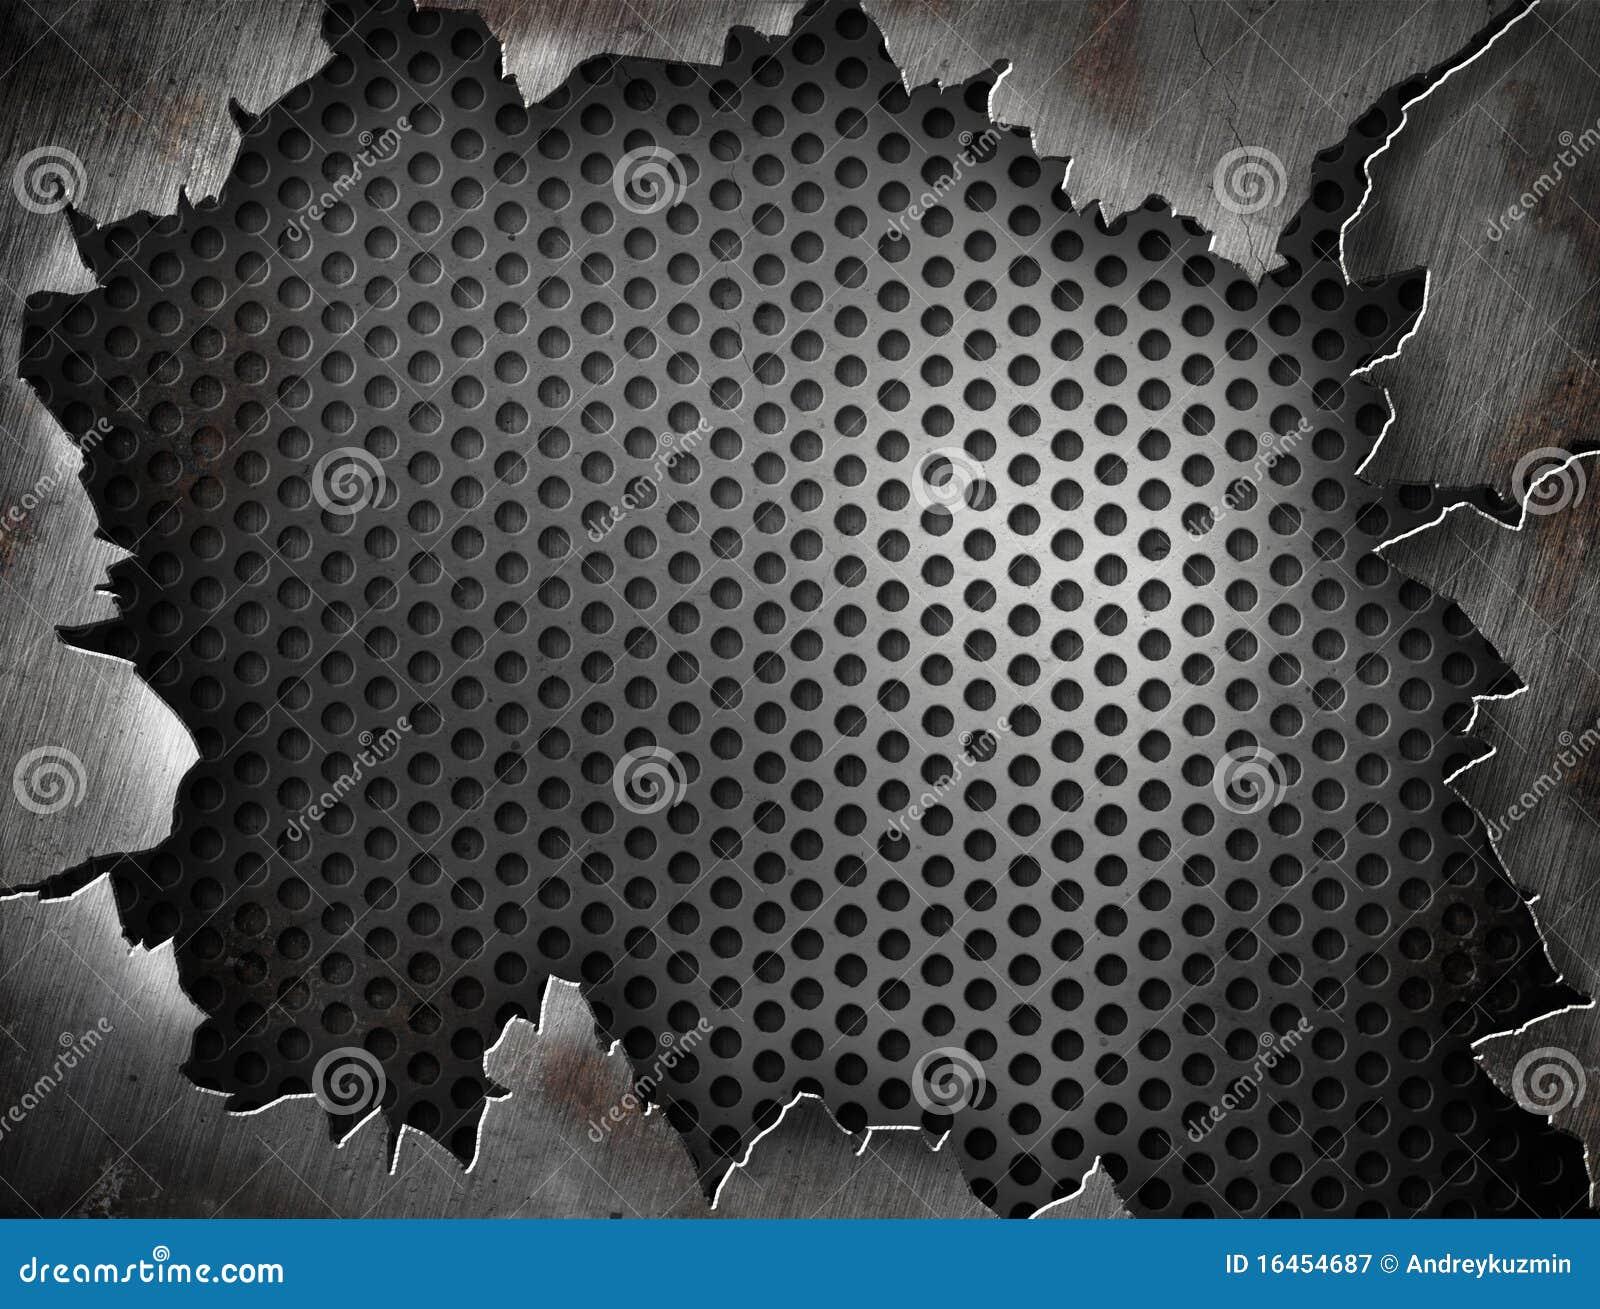 Cracked Grunge Metal Frame For Your Design Stock Illustration ...